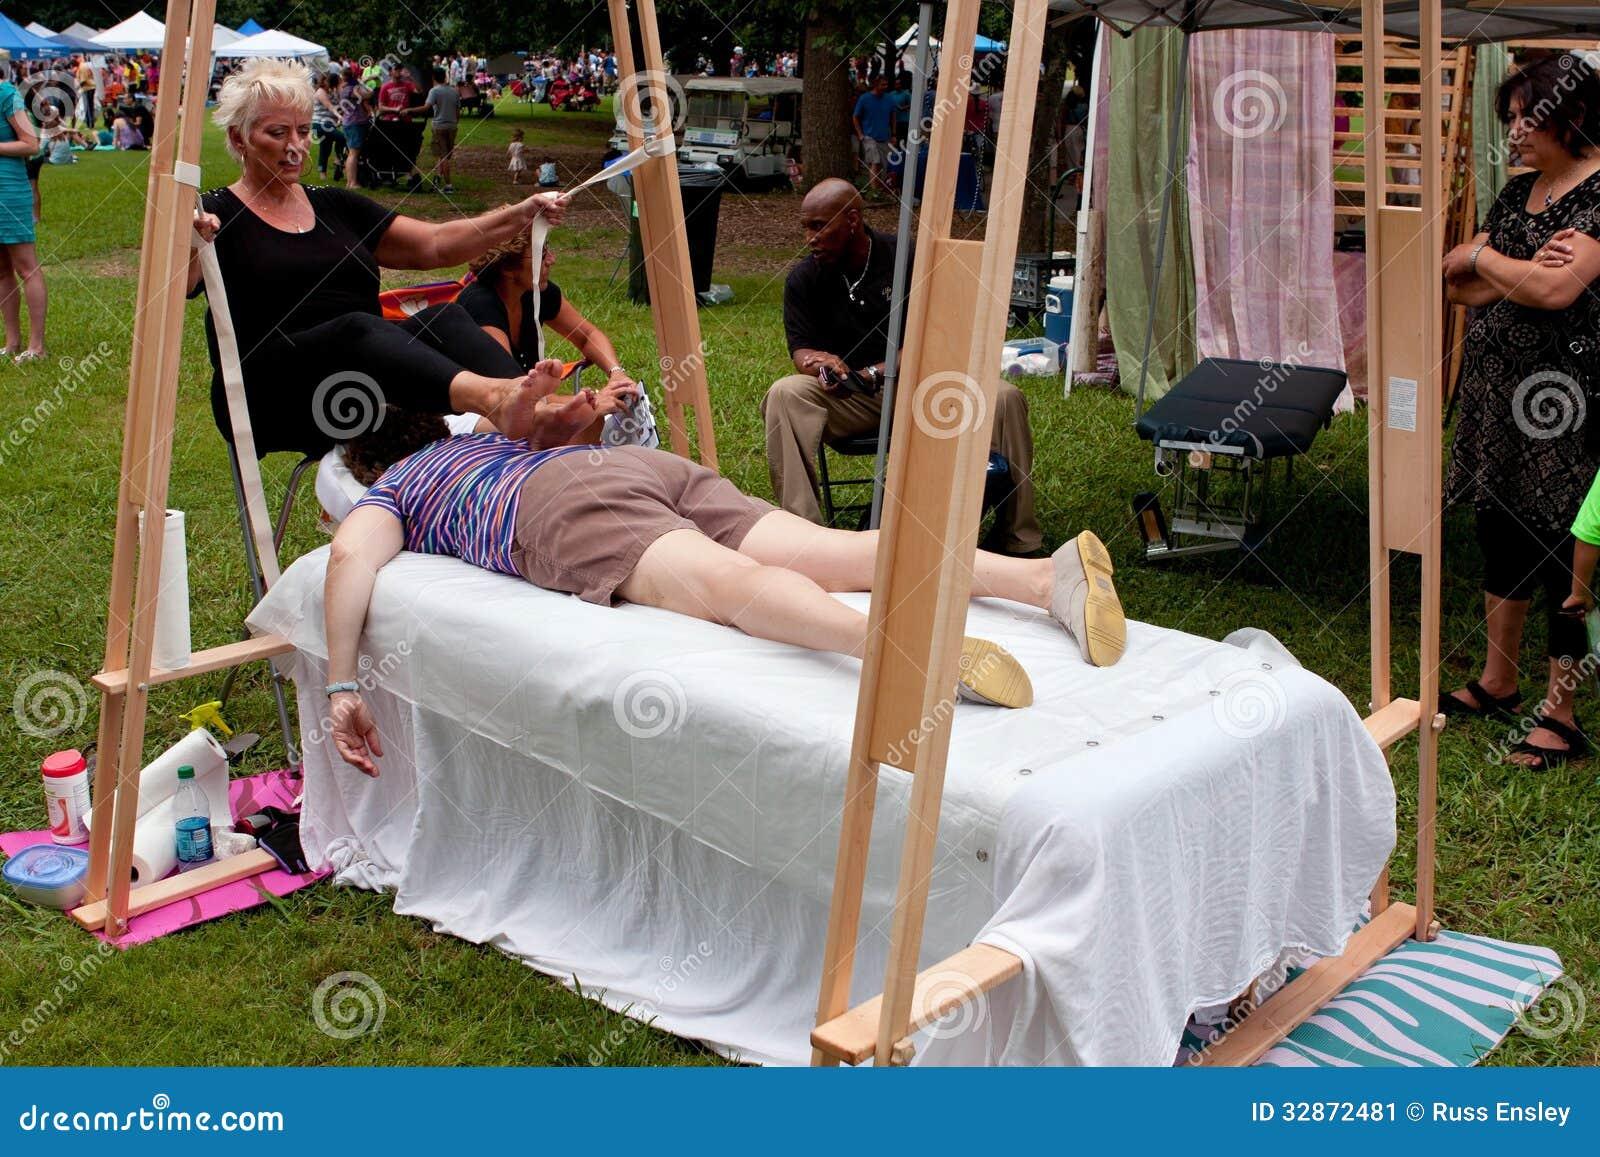 massage x video masseuse x